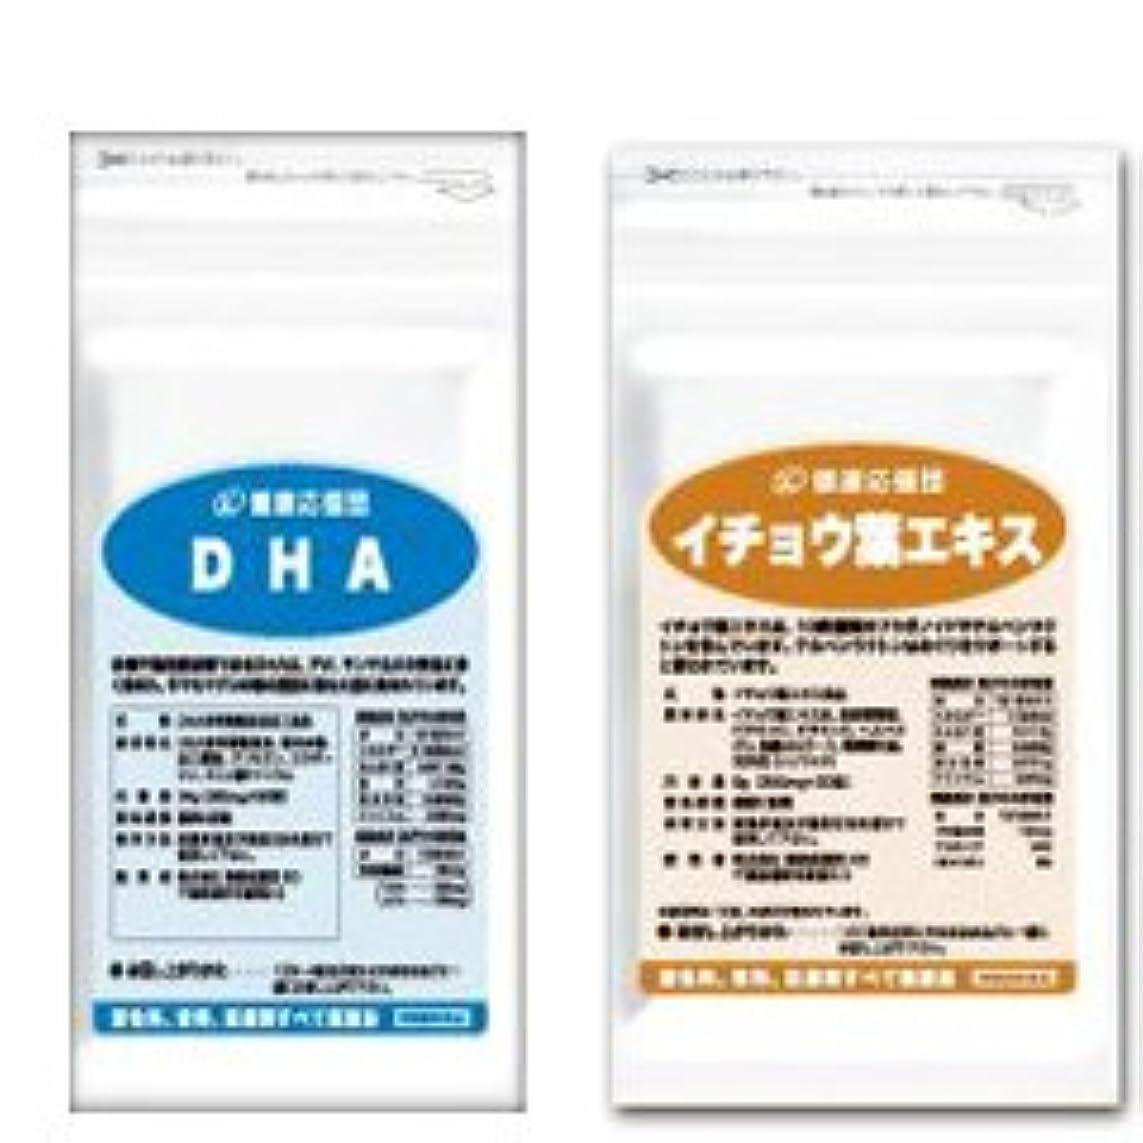 翻訳者安定した批判する(お徳用12か月分)サラサラ巡りセット DHA + イチョウ葉エキス 12袋&12袋セット(DHA?EPA?イチョウ葉?ビタミンC?ビタミンE?ビタミンP配合)